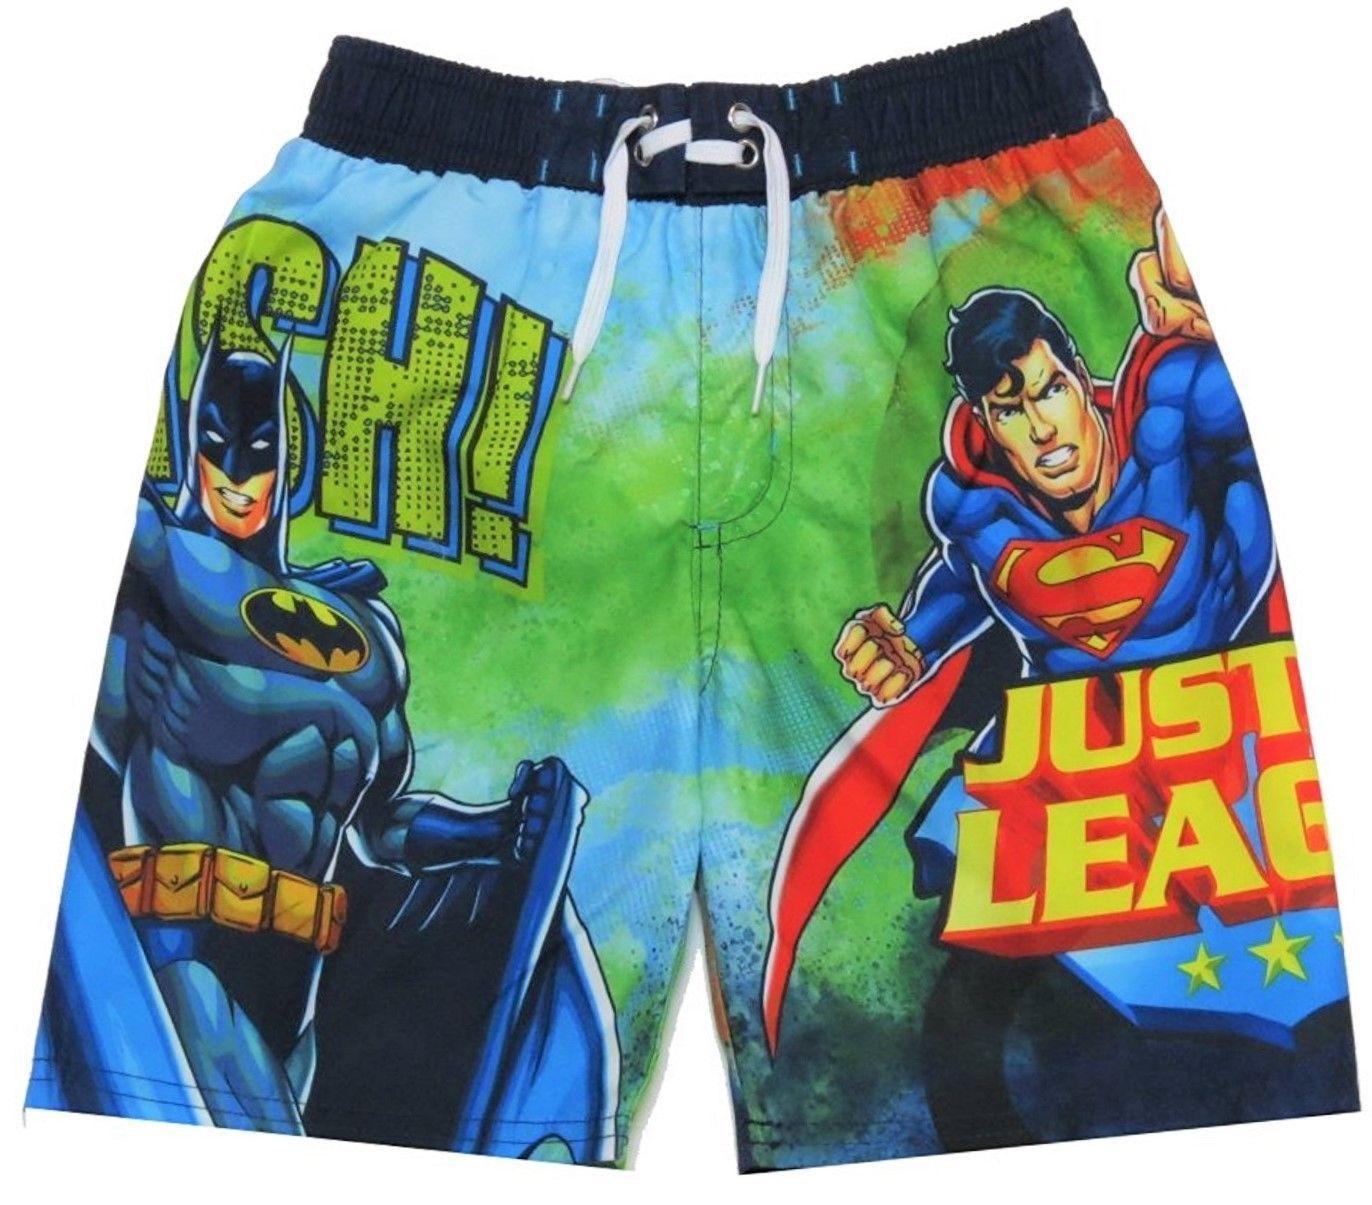 a5d02a6df4f48 JUSTICE LEAGUE BATMAN & SUPERMAN Bathing Suit Swim Trunks NWT Boys Sizes 4-7  $25